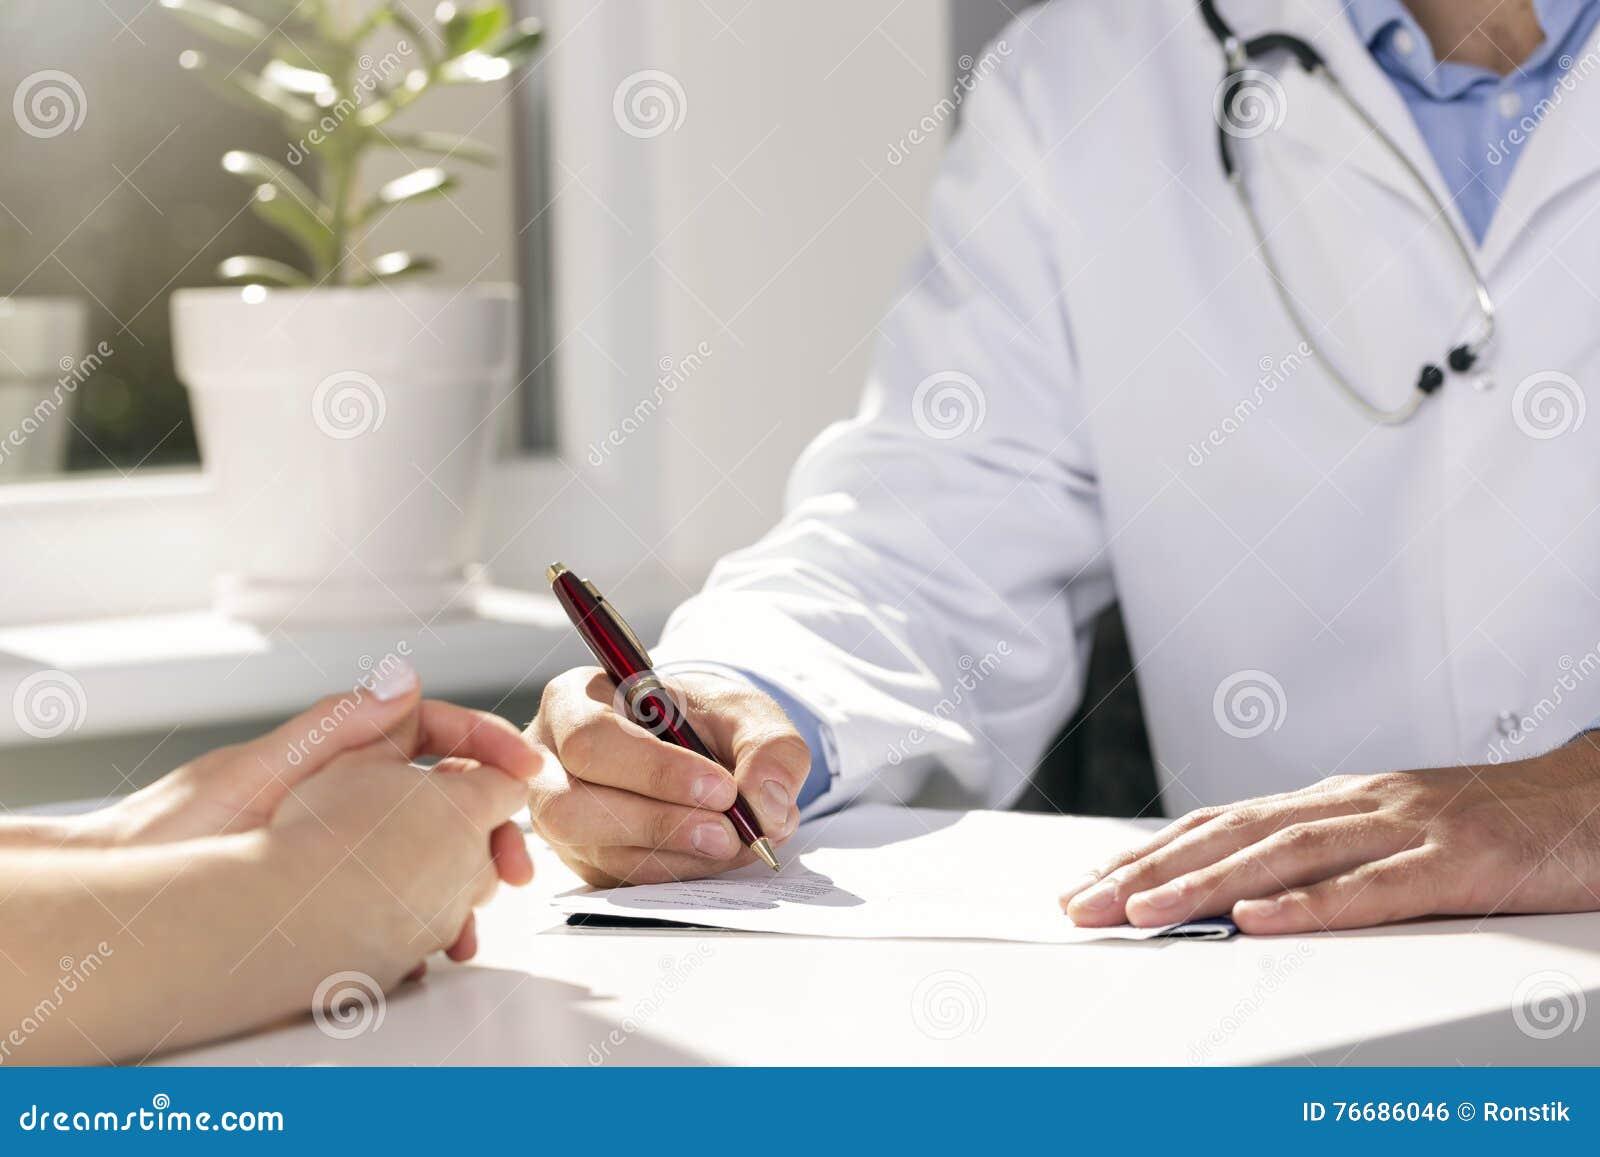 Medicinsk konsultation - doktors- och patientsammanträde vid tabellen